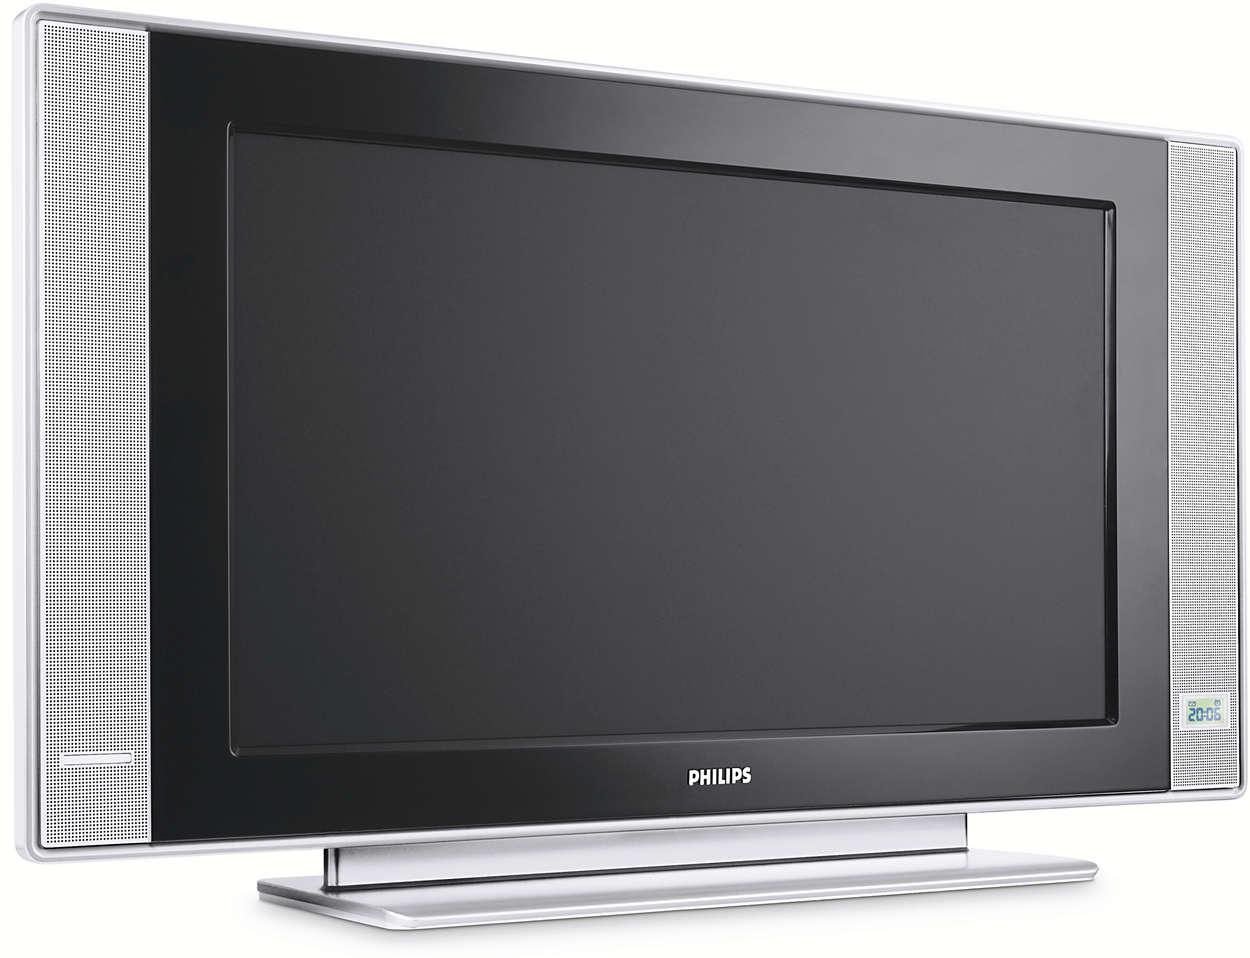 Síkképernyős televízió rendszer-előkészítéssel